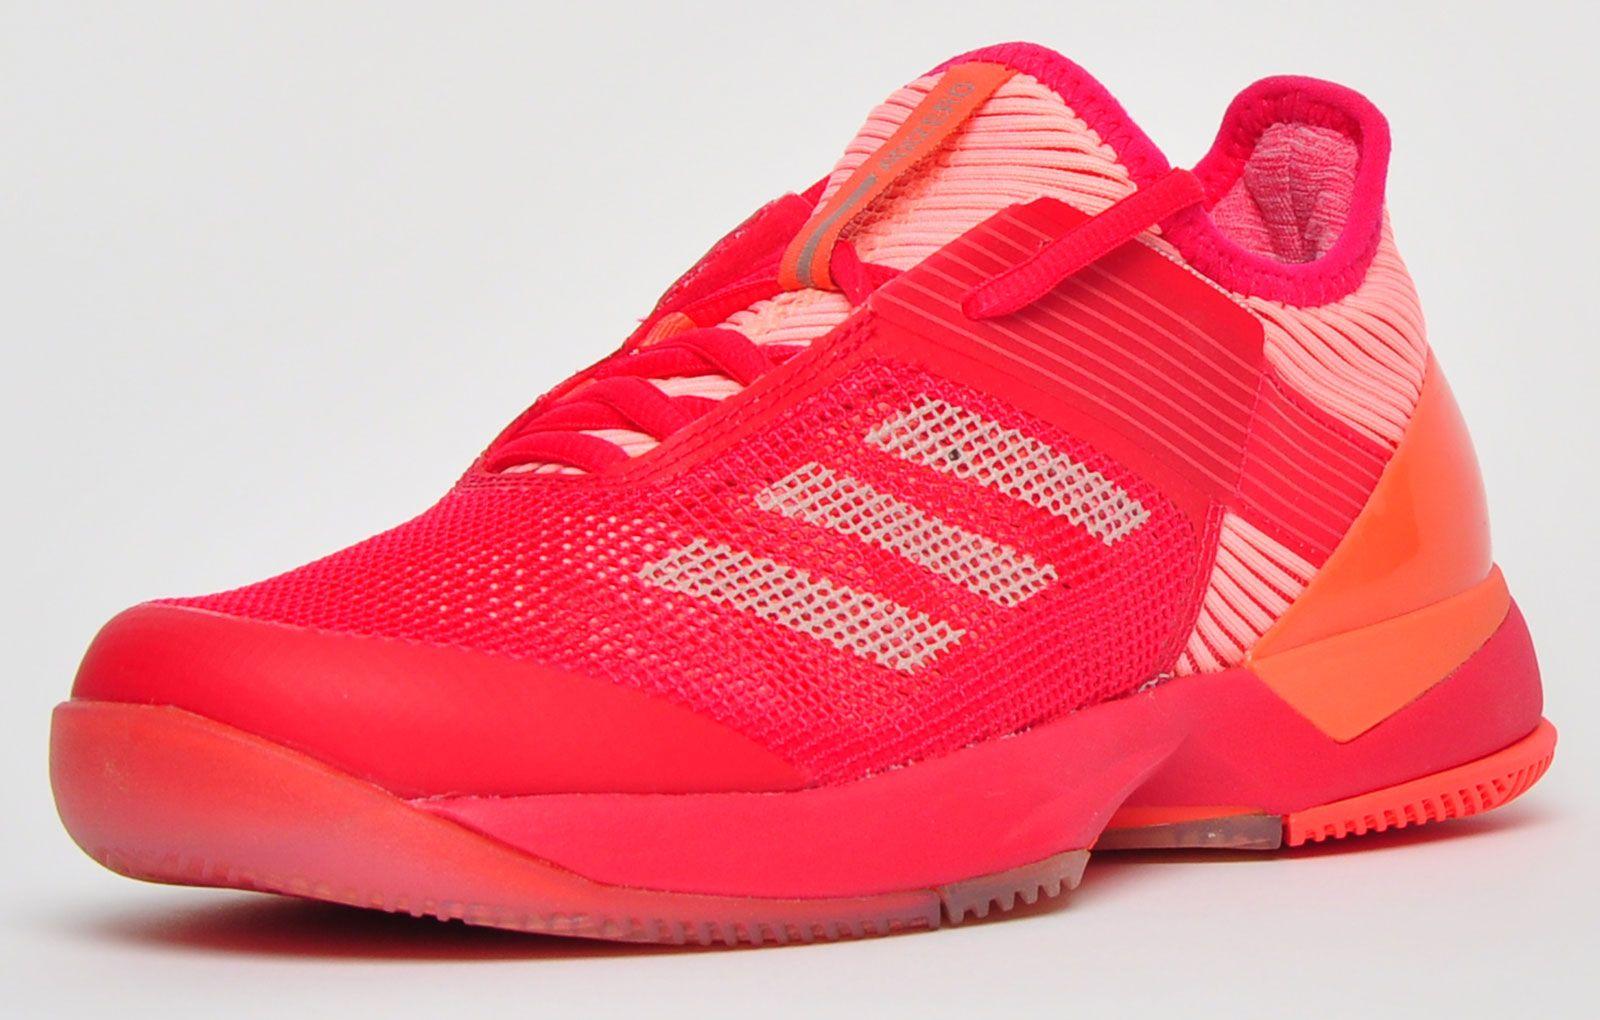 Adidas Adizero Ubersonic 3 Womens